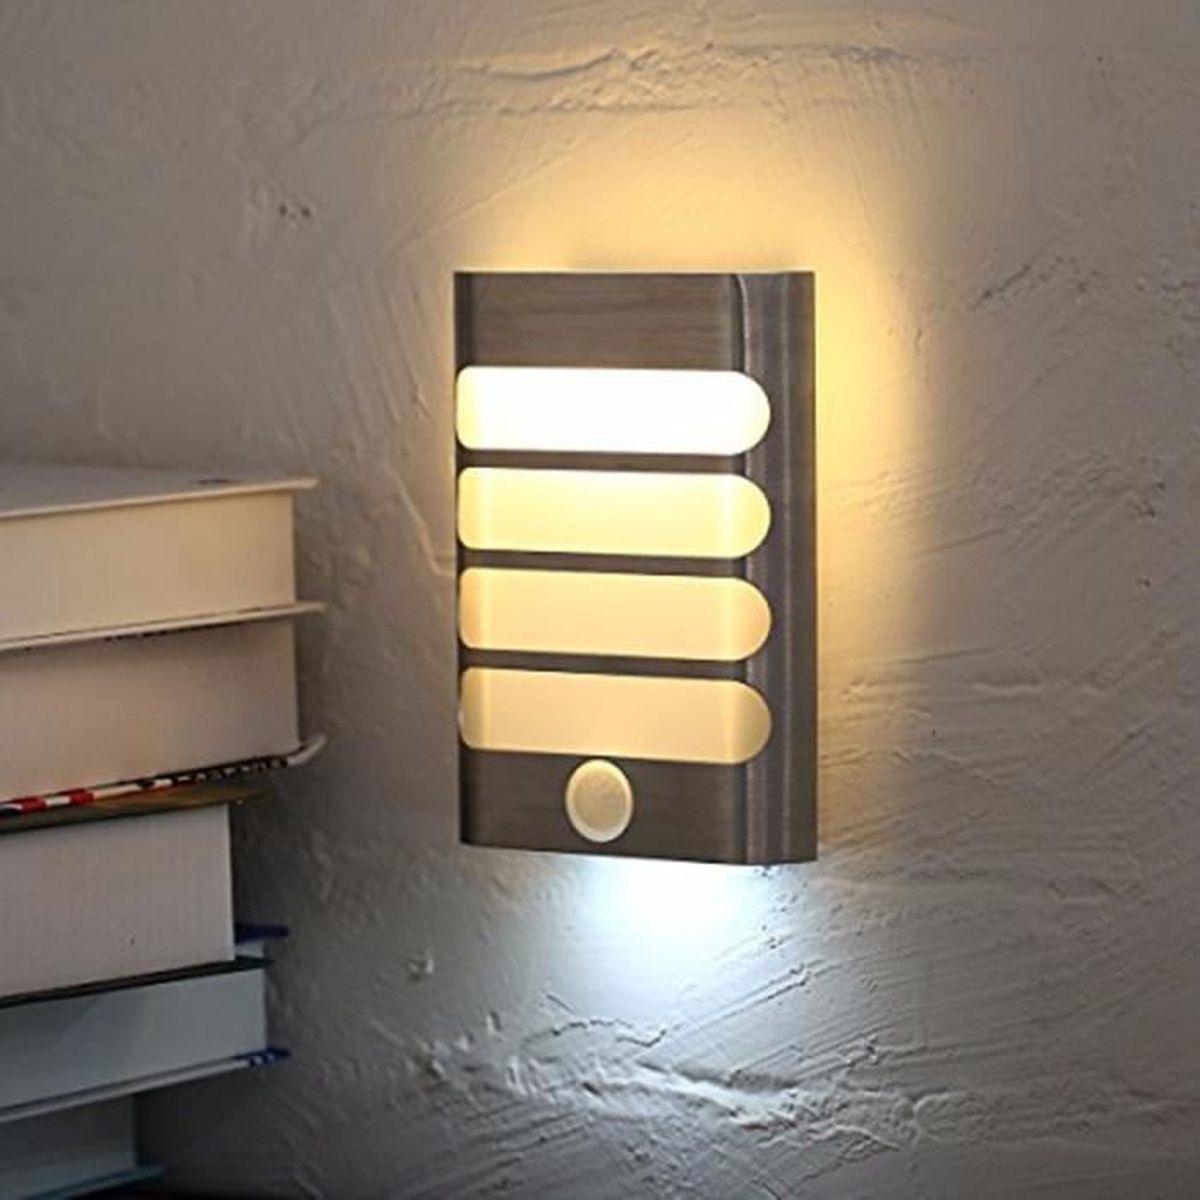 eclairage sans fil pour placard top with eclairage sans. Black Bedroom Furniture Sets. Home Design Ideas